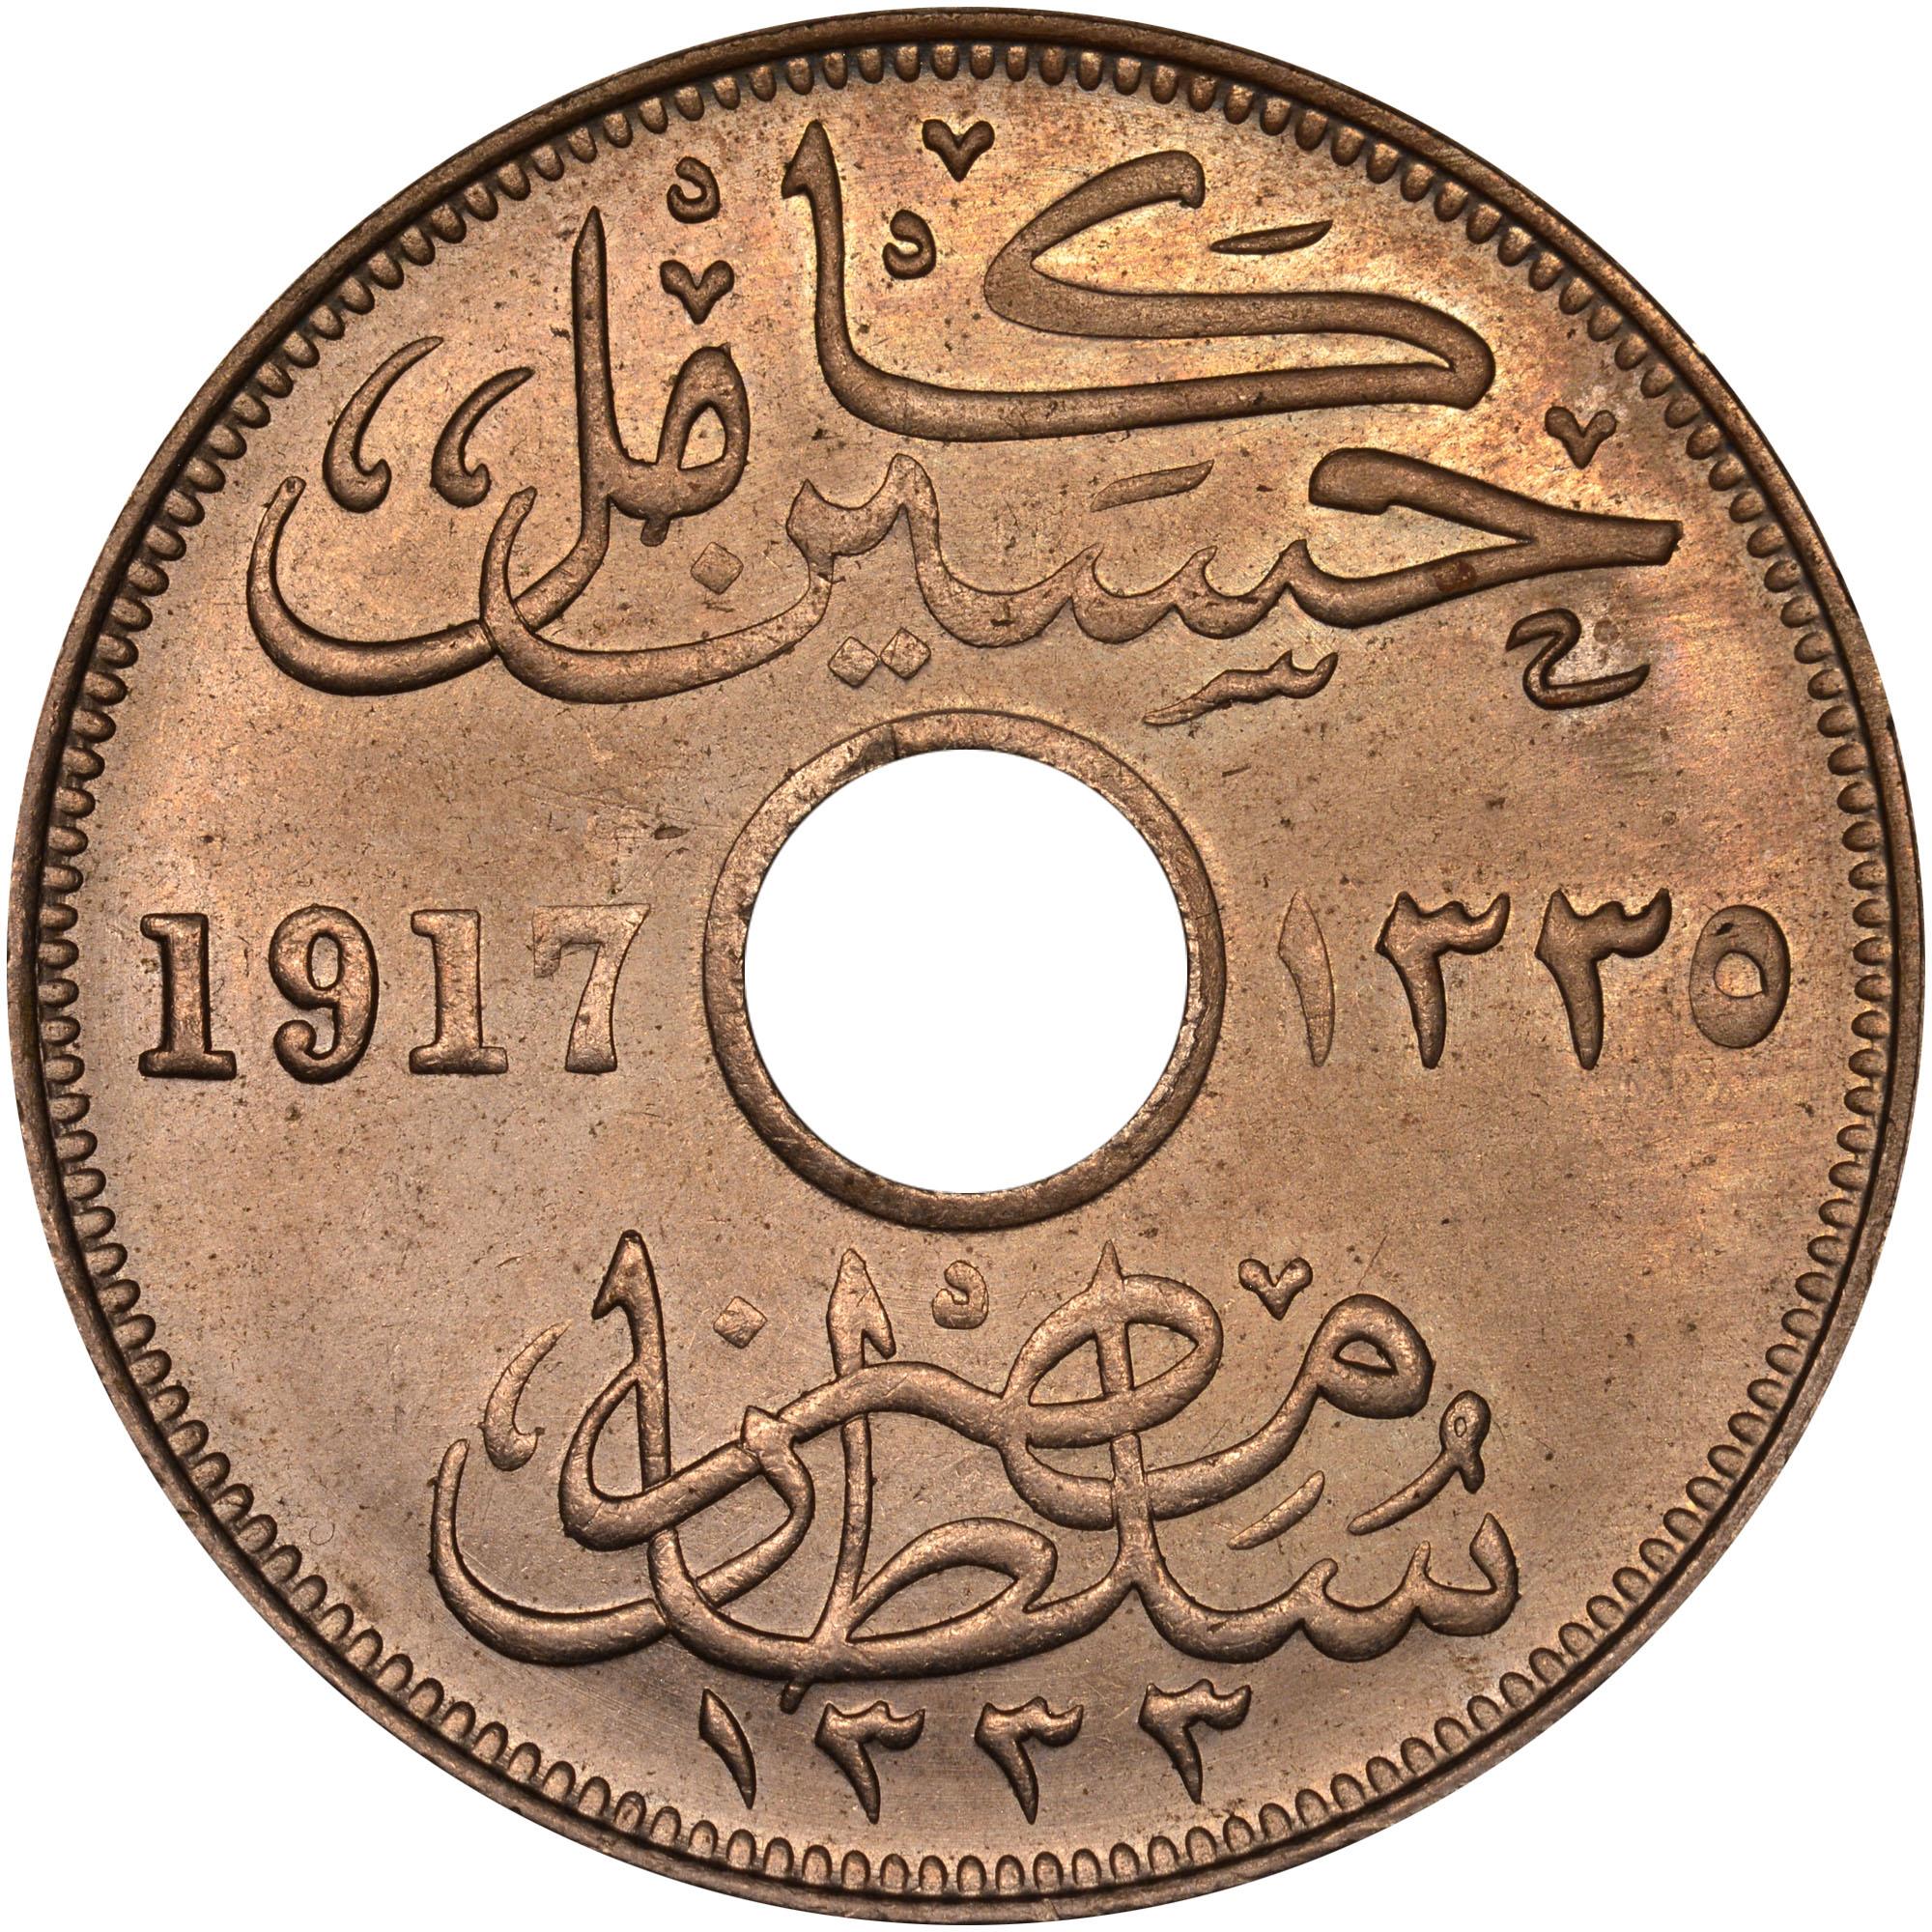 1335-1916-1335-1917 Egypt 10 Milliemes obverse